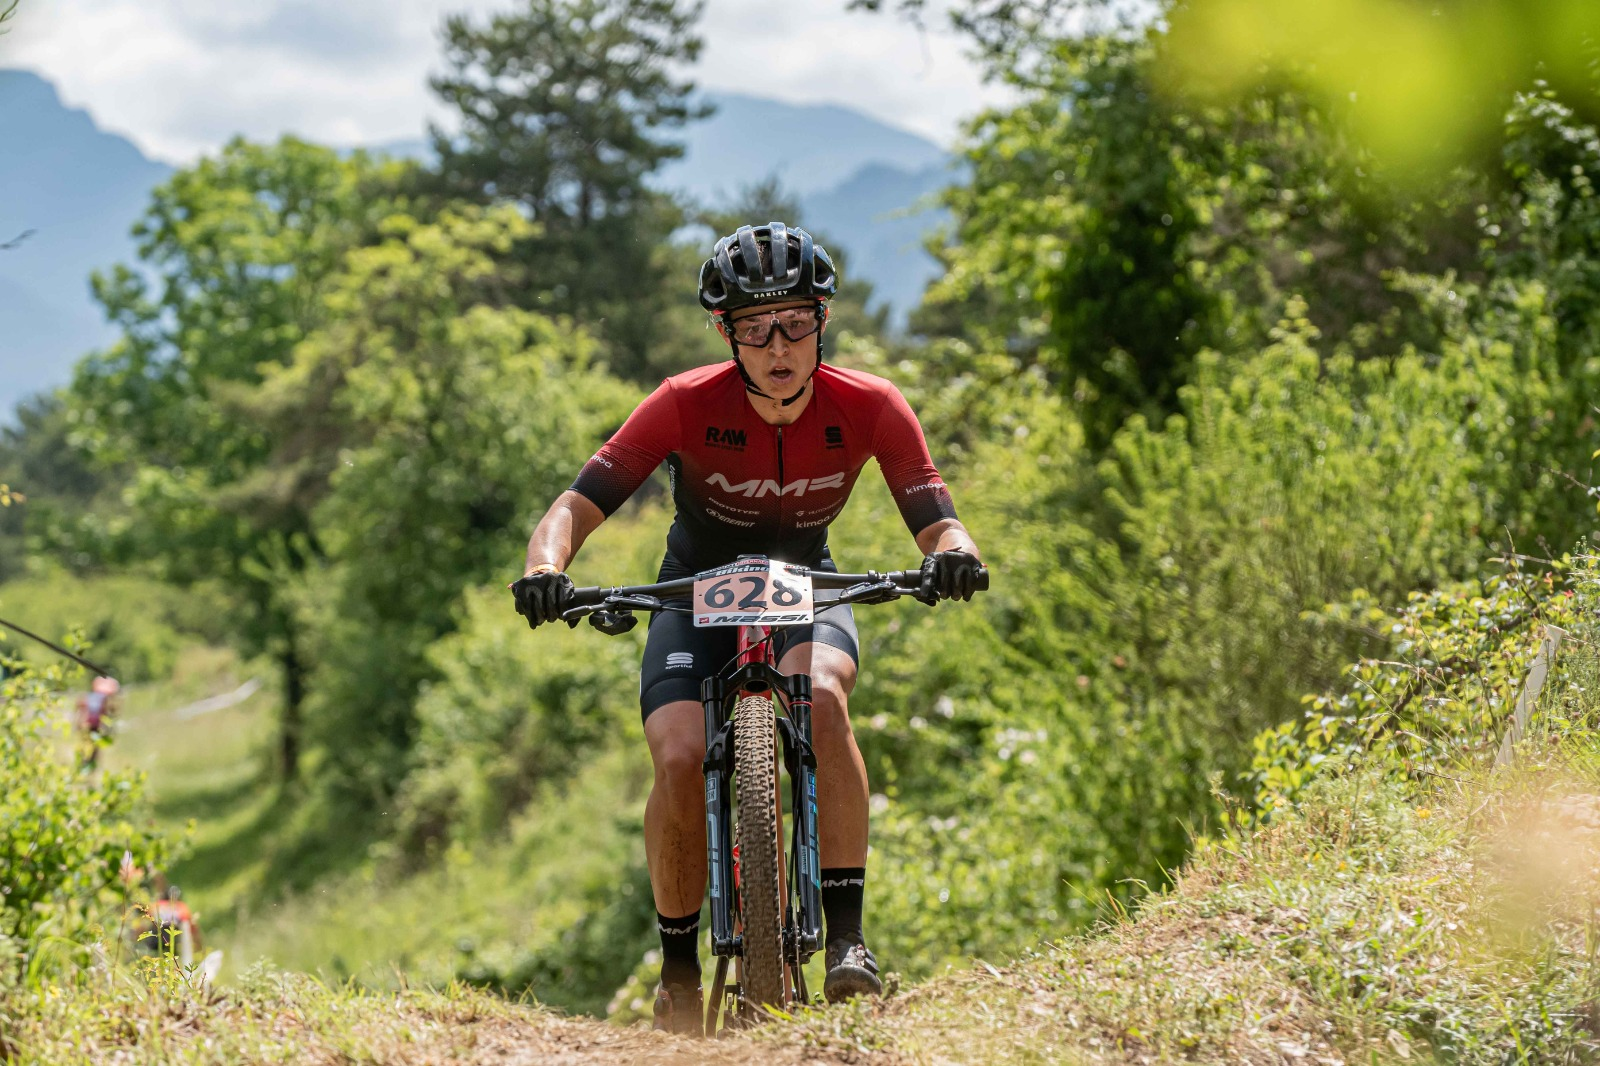 Drechou y Figueras vencen en la Copa Catalana Internacional Biking Point de la Vall de Lord